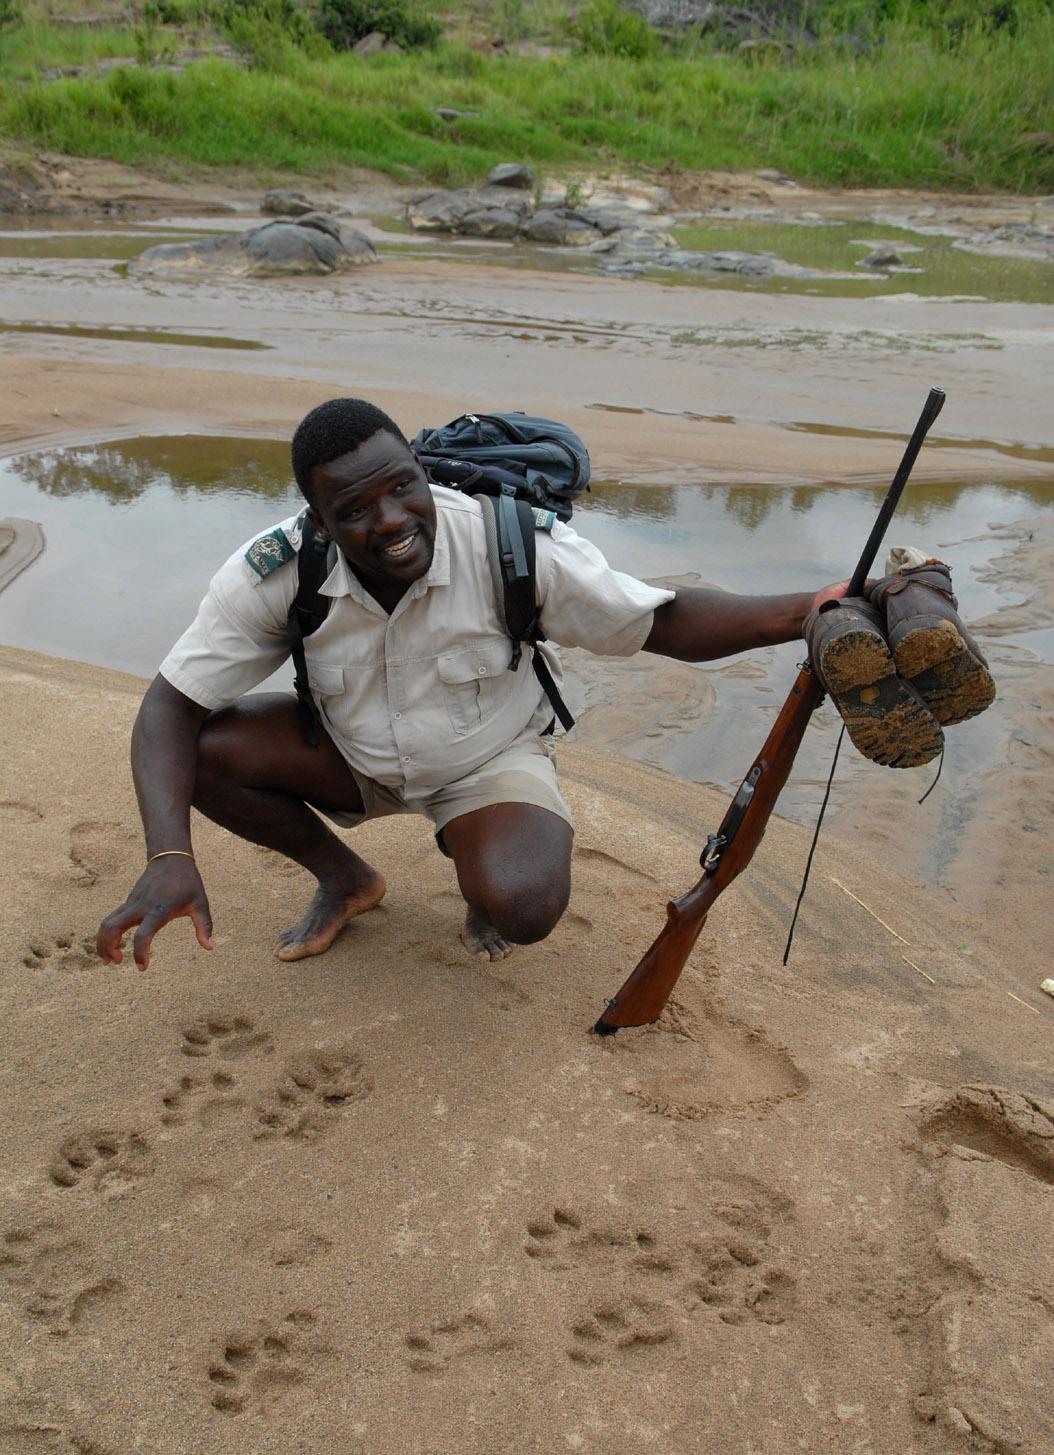 foto: Tom van der Leij van landschap Zuid-Afrika met reisgids geknield en met geweer in handen en schoenen uit in handen